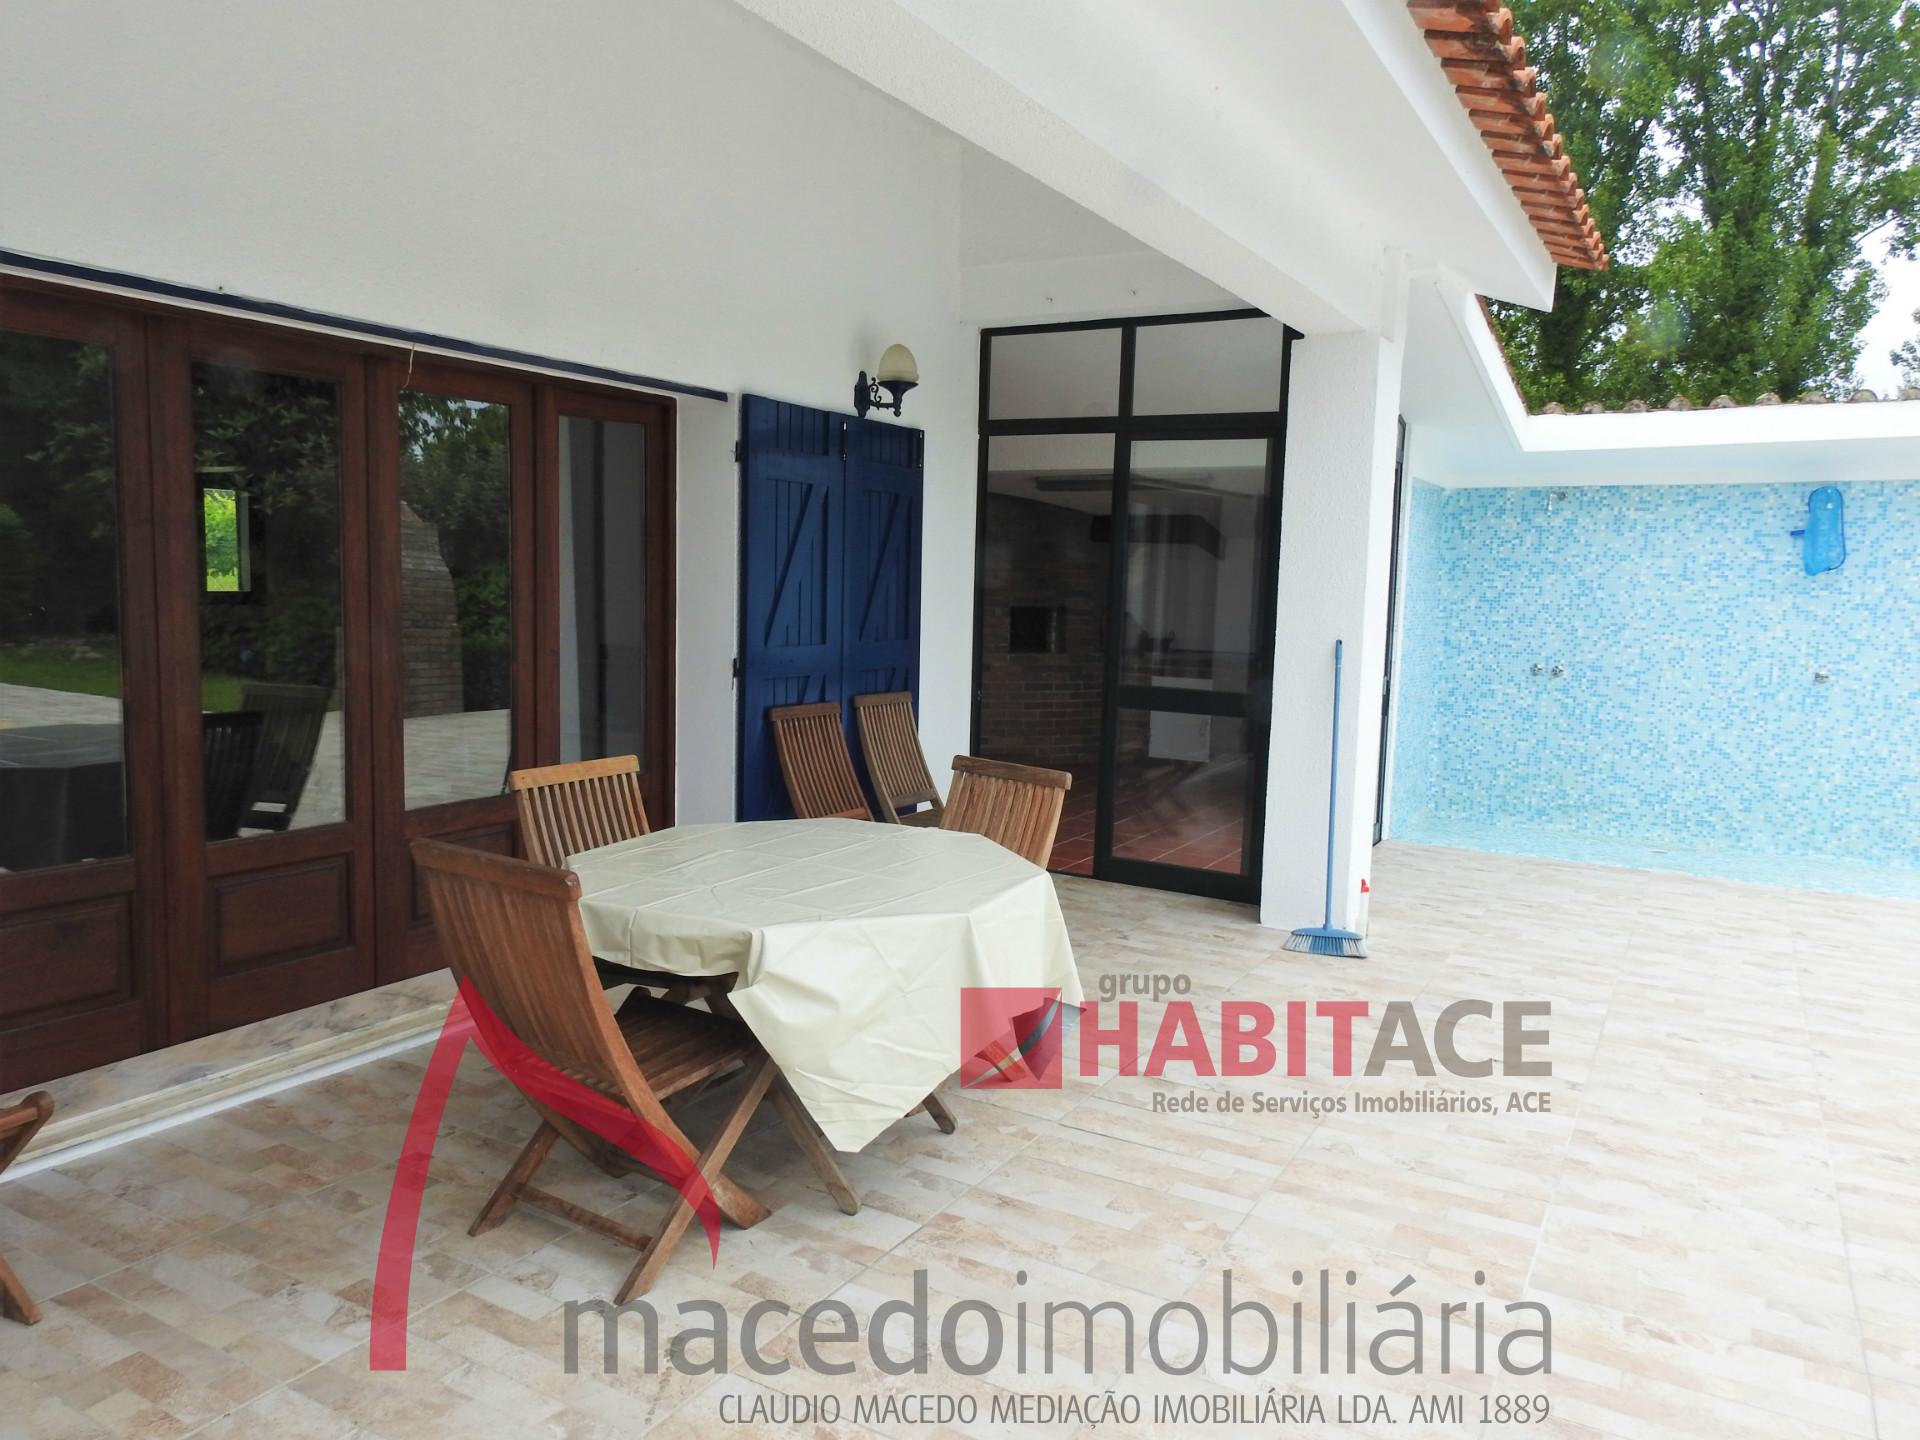 Moradia individual com piscina para arrendamento em Panoias, Braga